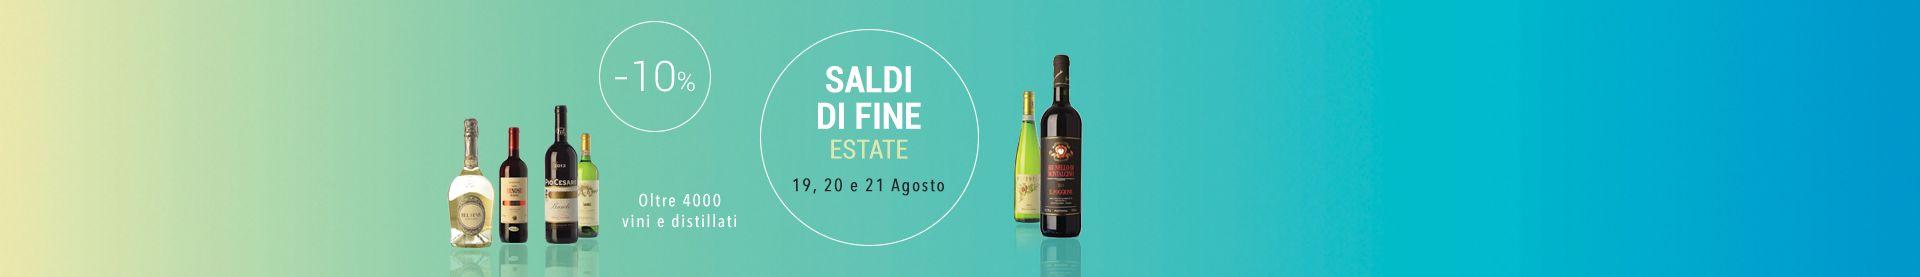 SALDI DI FINE ESTATE!